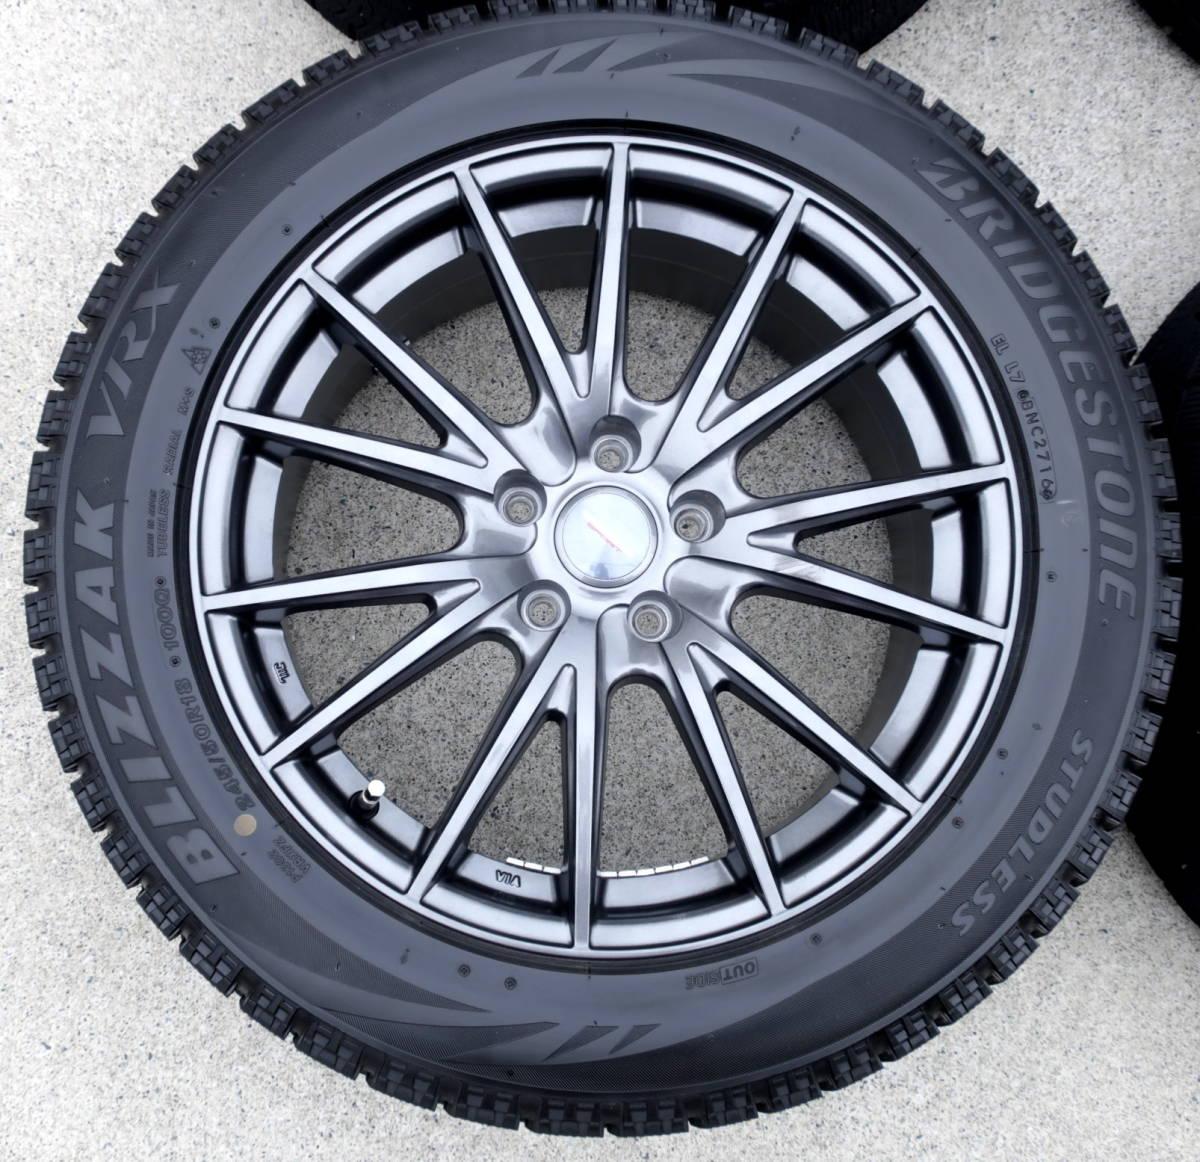 VELVA 軽量ホイル+BLIZZAK VRX 245/50R18 スタッドレス タイヤ 4本 アルファード ヴェルファイア エルグランド フーガ ハリアー CR-V CH-R_画像2